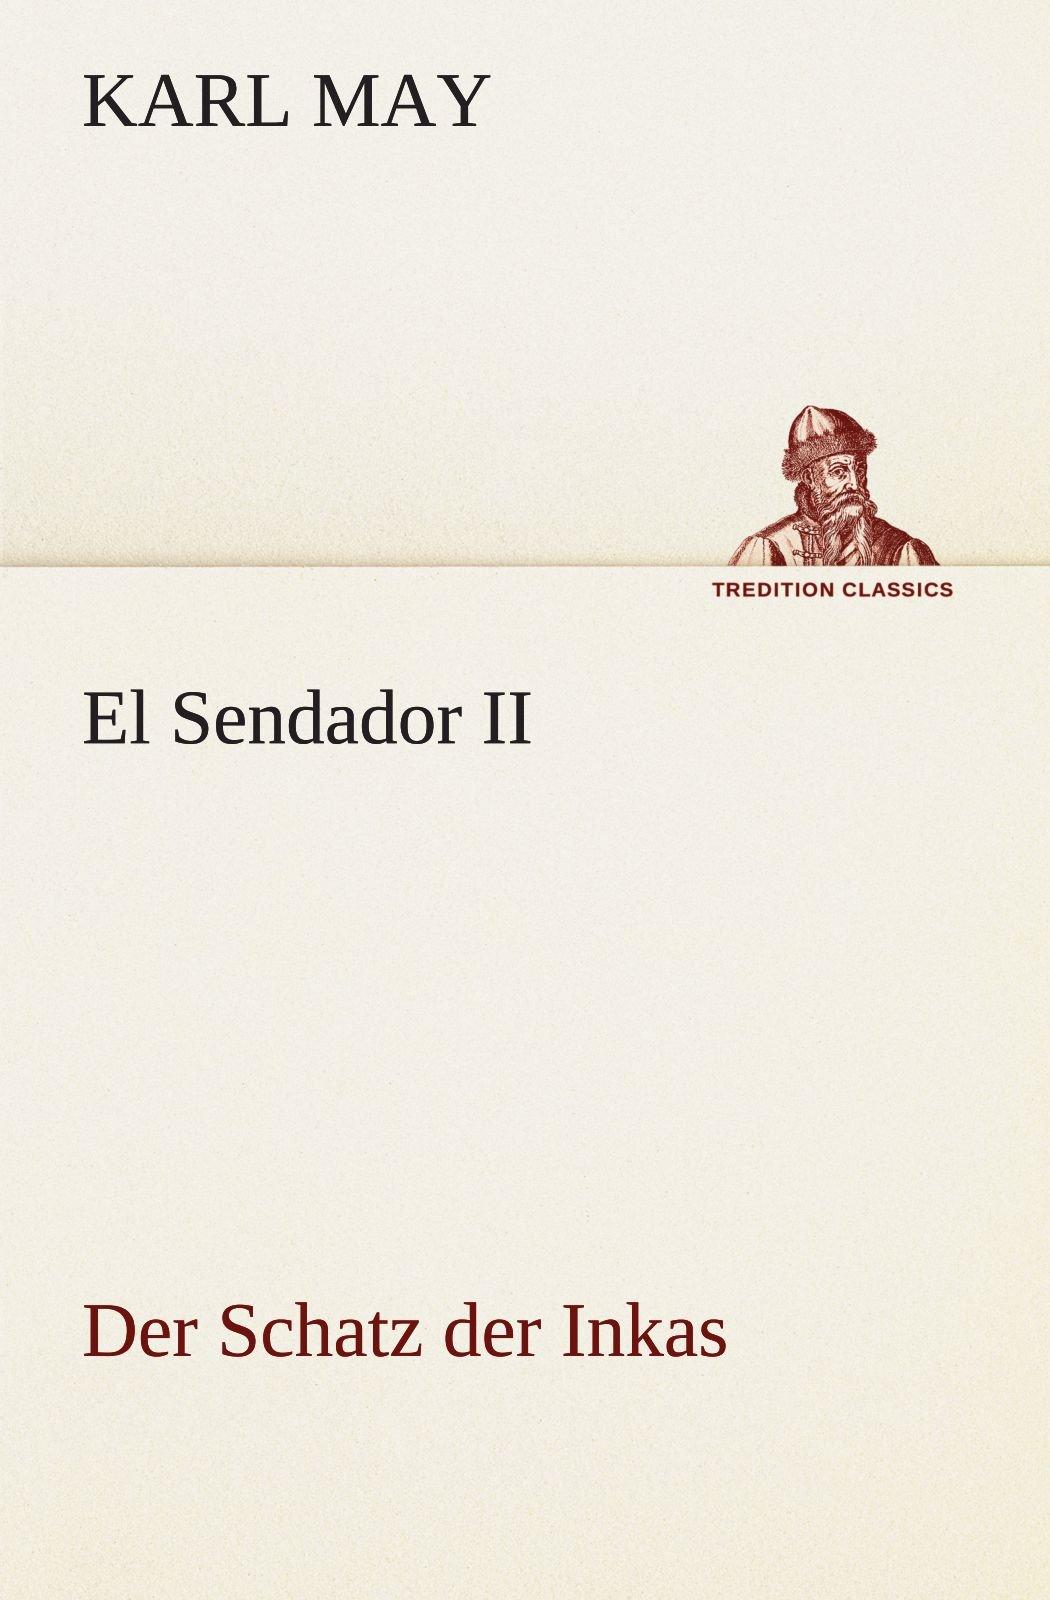 El Sendador II (Der Schatz der Inkas): Der Schatz der Inkas (TREDITION CLASSICS) (German Edition) pdf